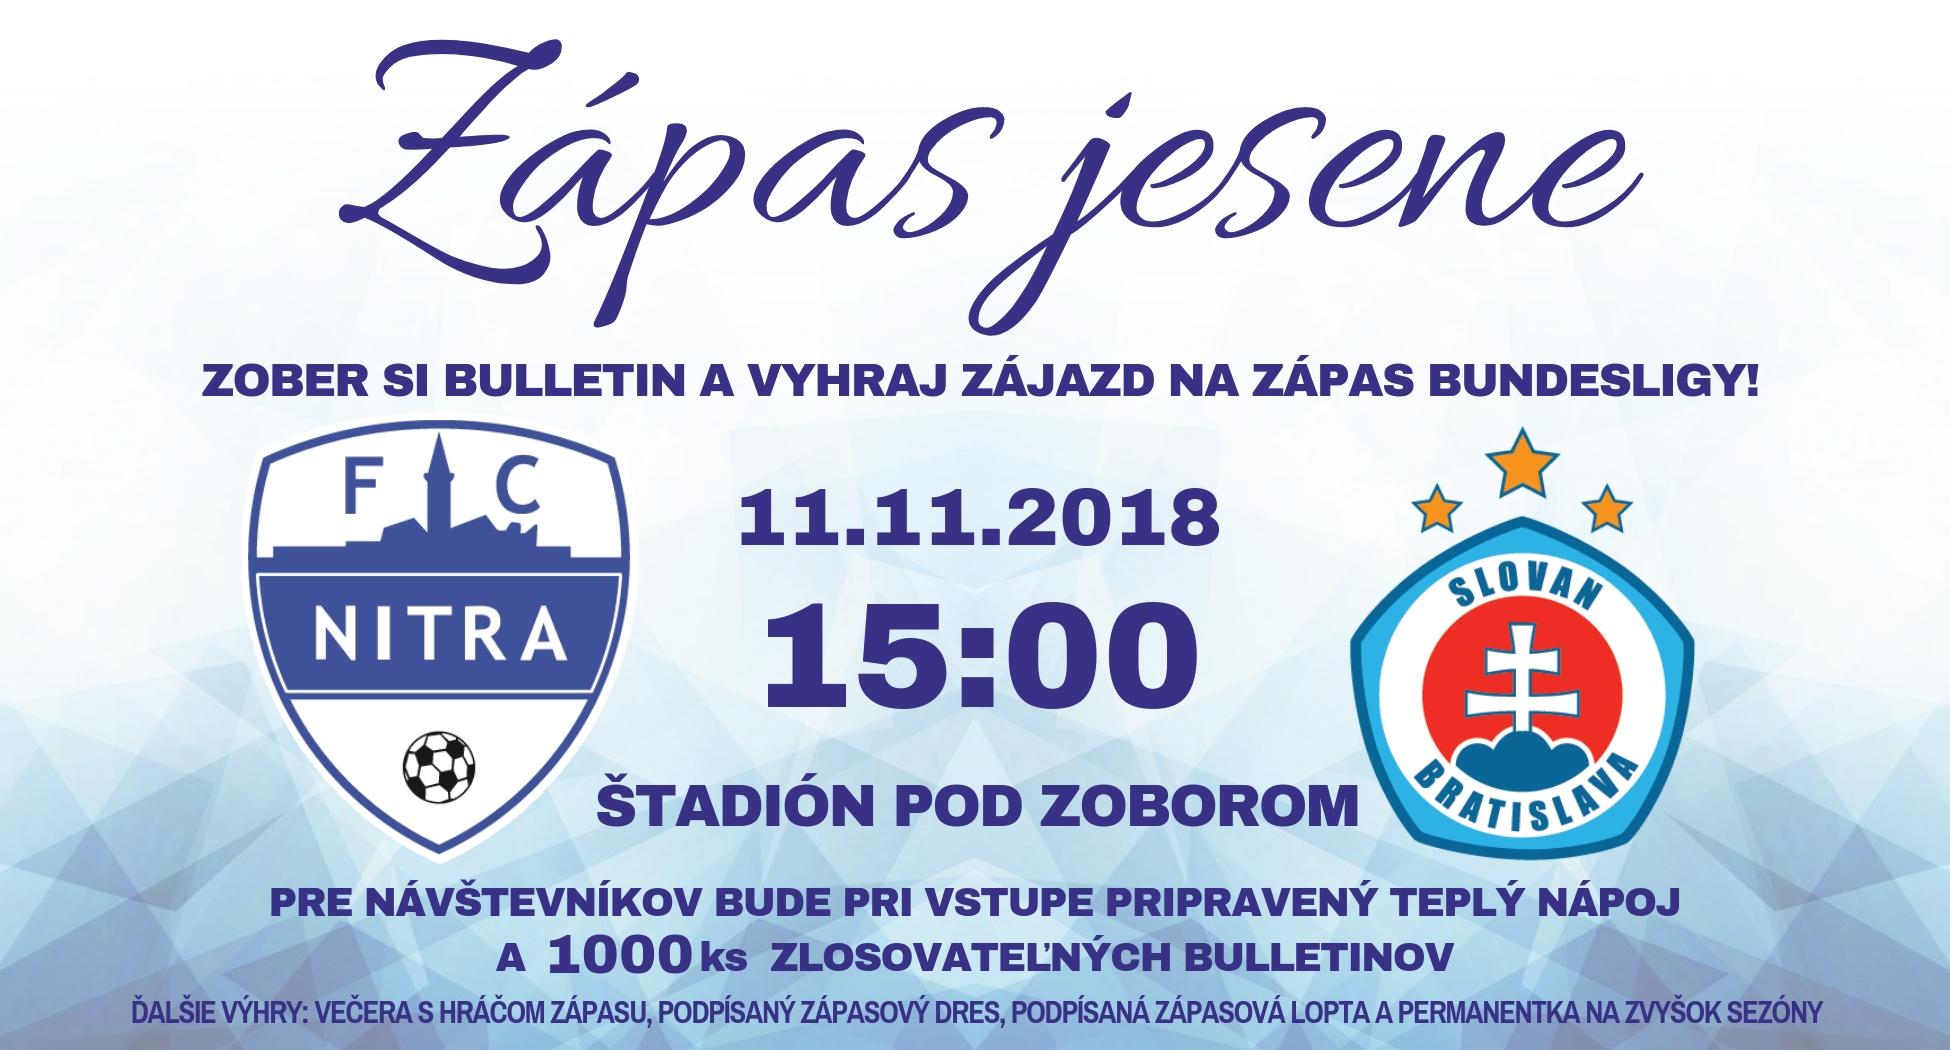 d6f60f43b9c2 Jesenný zápas futbalových titánov FC NITRA - Kam v meste